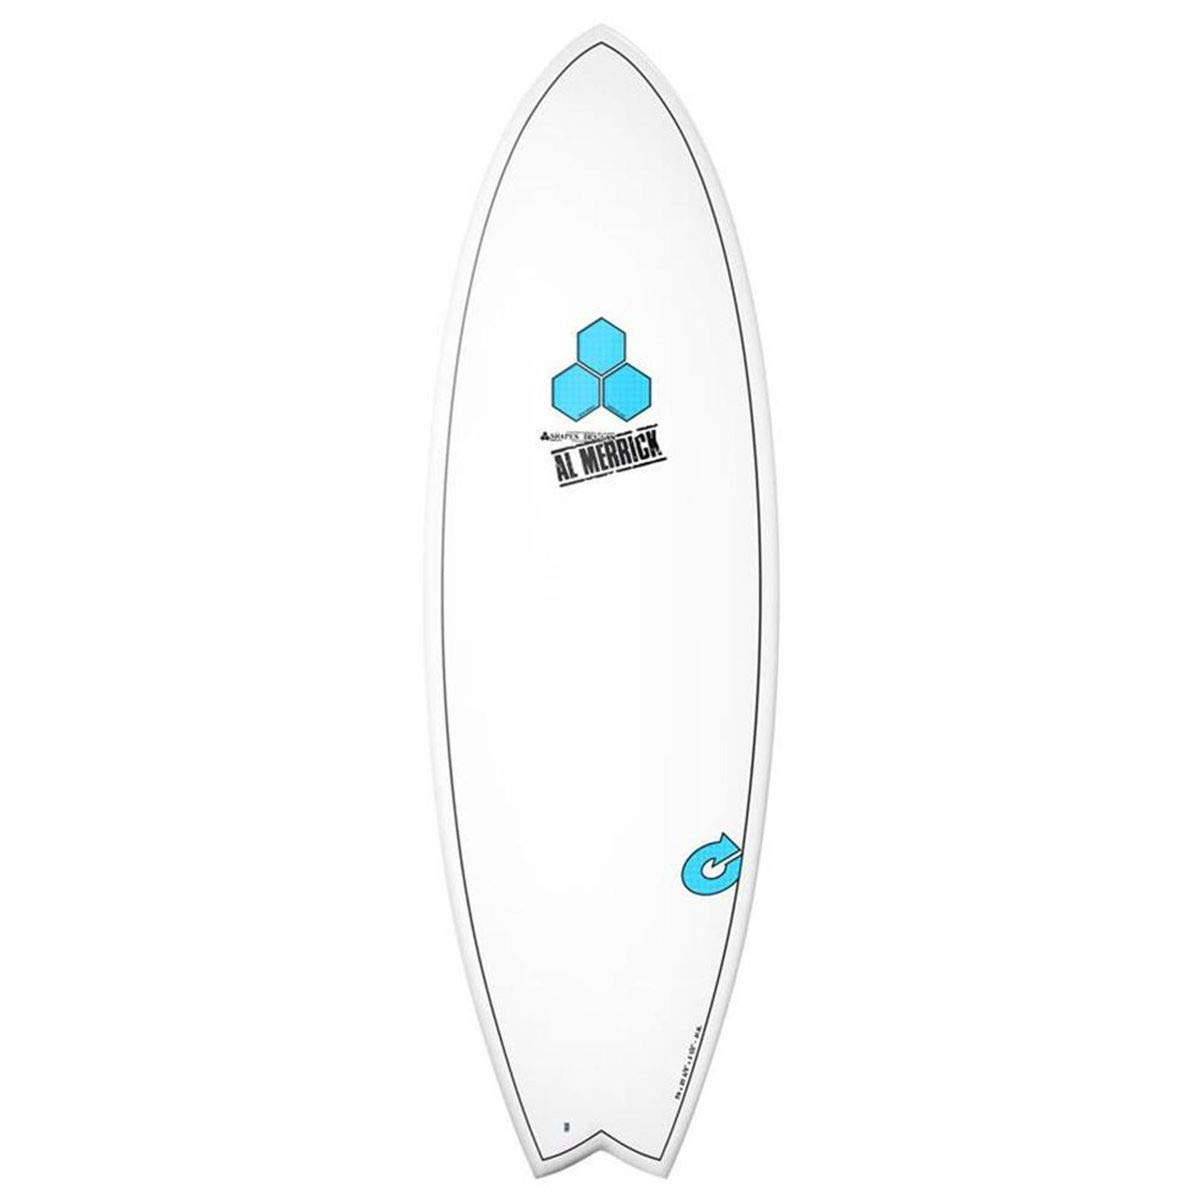 Tabla de surf Channel Islands X-Lite Pod MOD 6.6 Blanco AL MERRICK Fish Eps EPOXY: Amazon.es: Deportes y aire libre